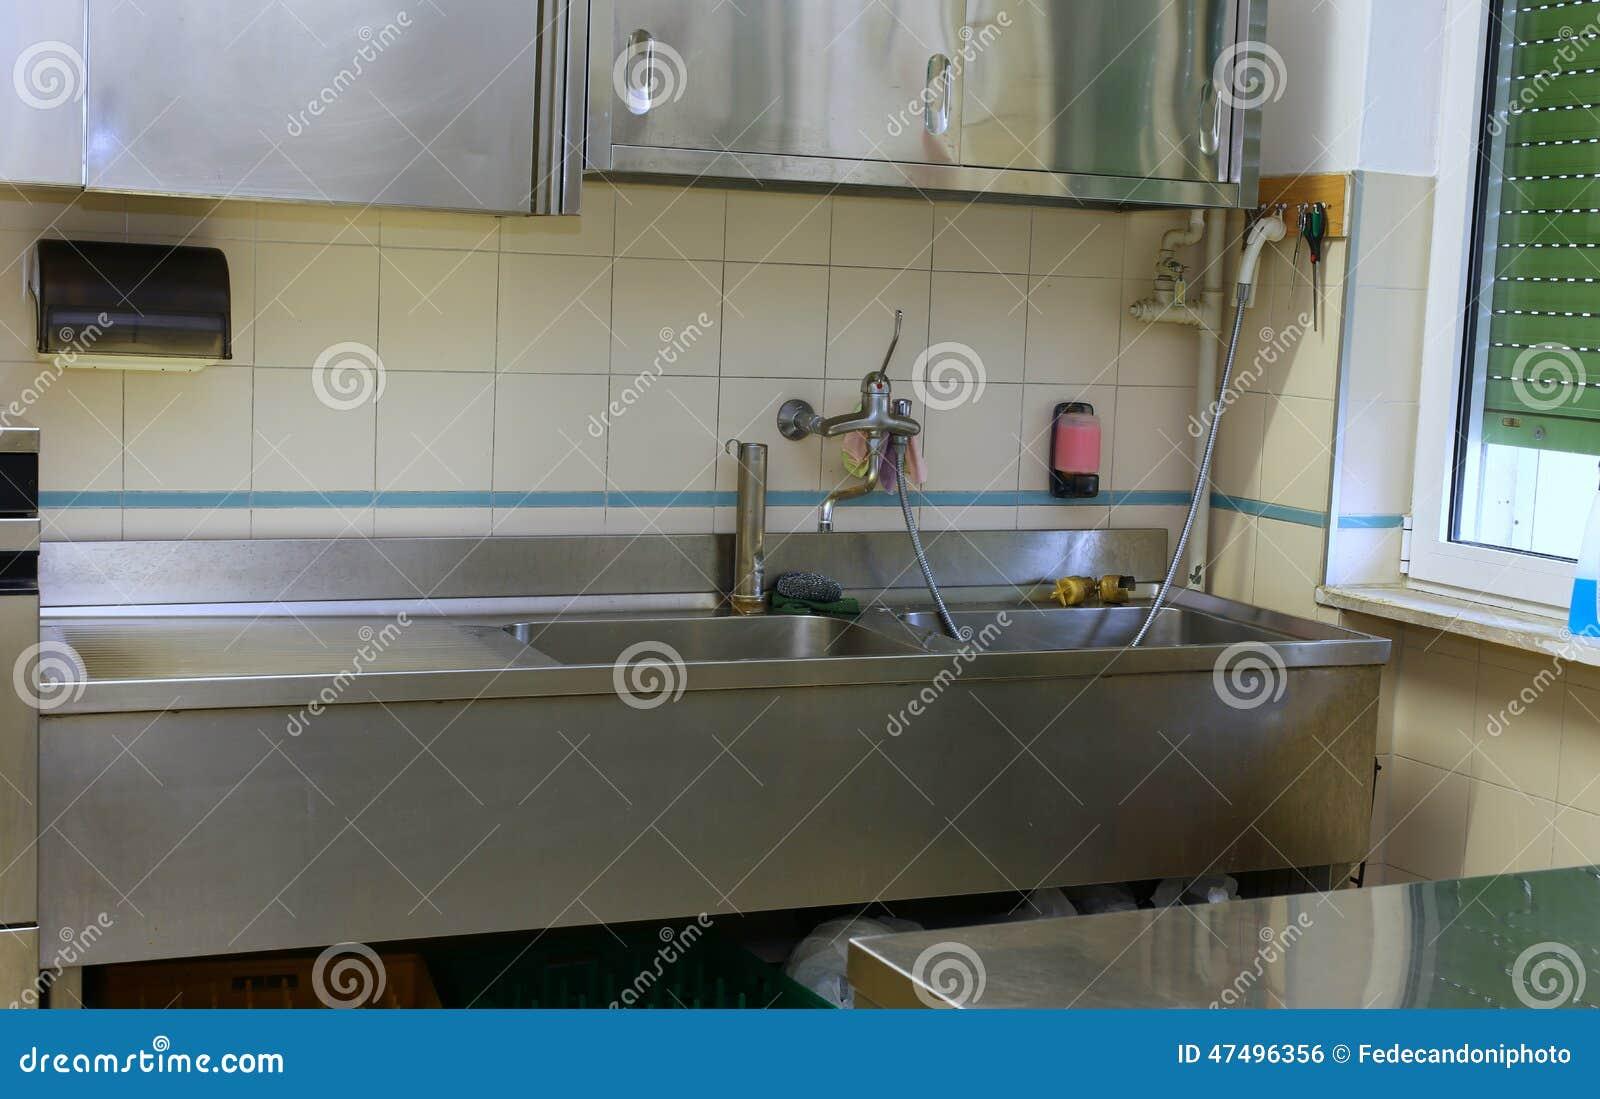 Affondi ed il banco da lavoro in una cucina industriale - Banco da lavoro cucina ...